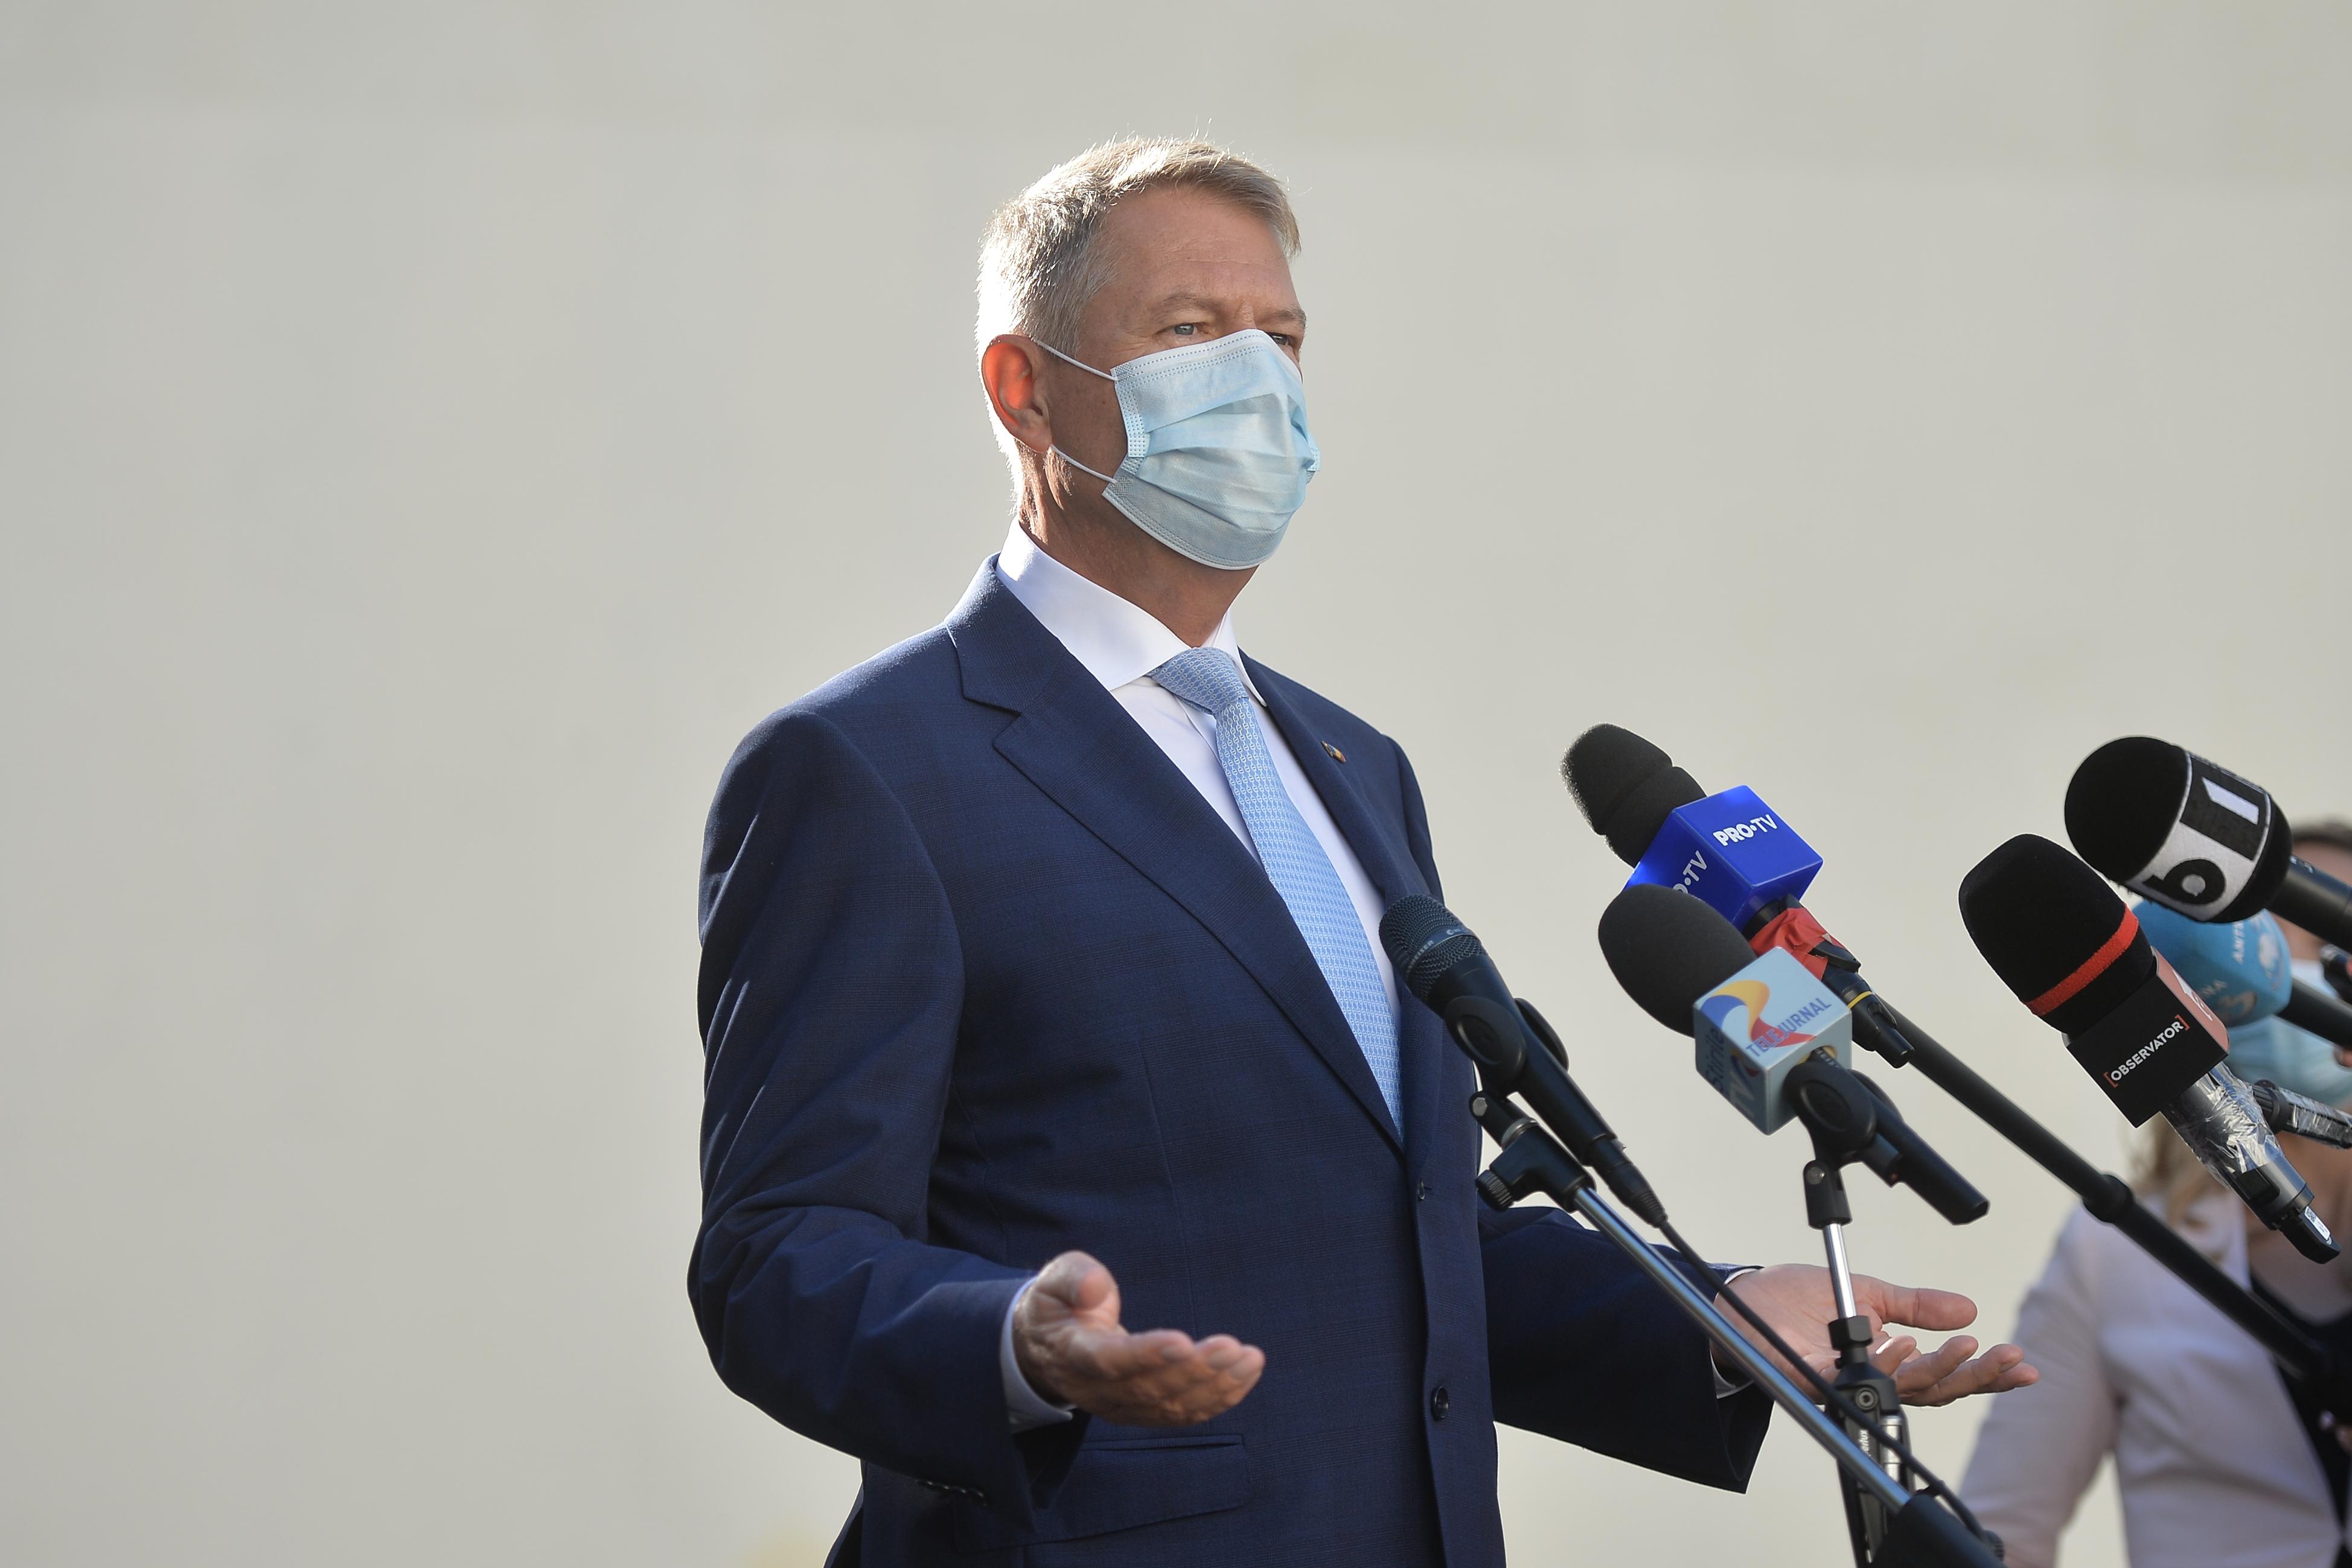 Preşedintele Klaus Iohannis vrea organizarea alegerilor parlamentare. Gestionarea pandemiei depinde de reconstrucţia Parlamentului